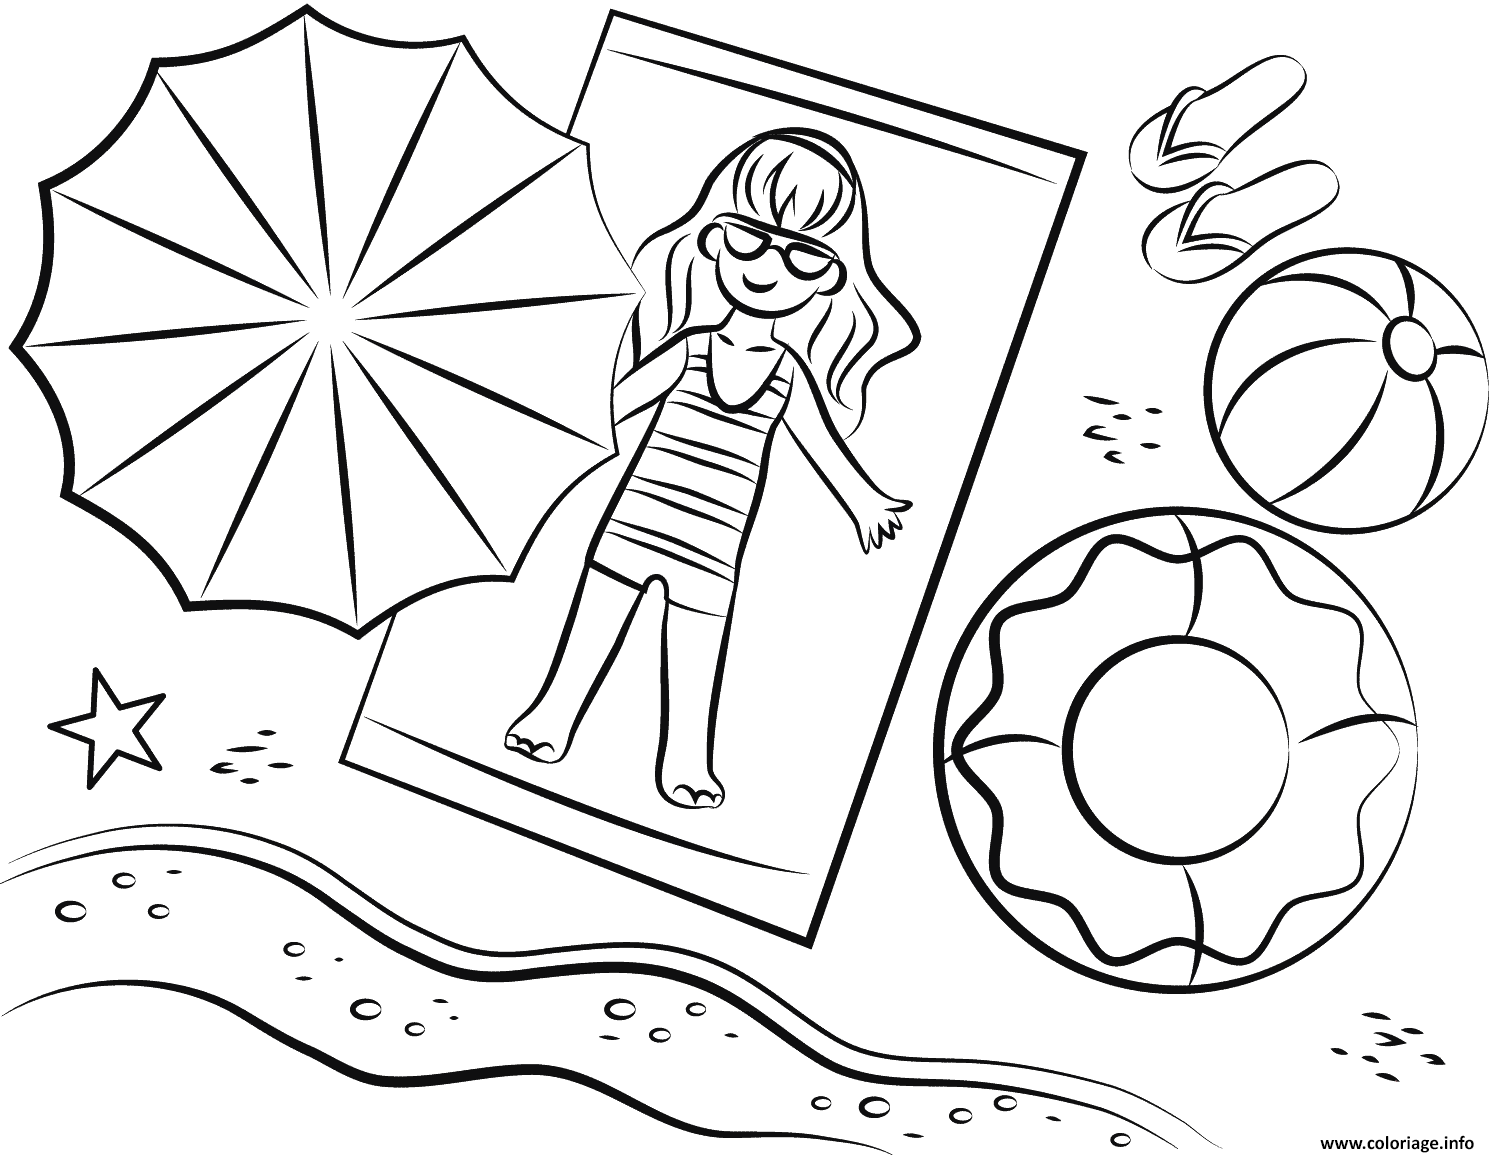 Dessin plage bronsage en profitant du soleil Coloriage Gratuit à Imprimer